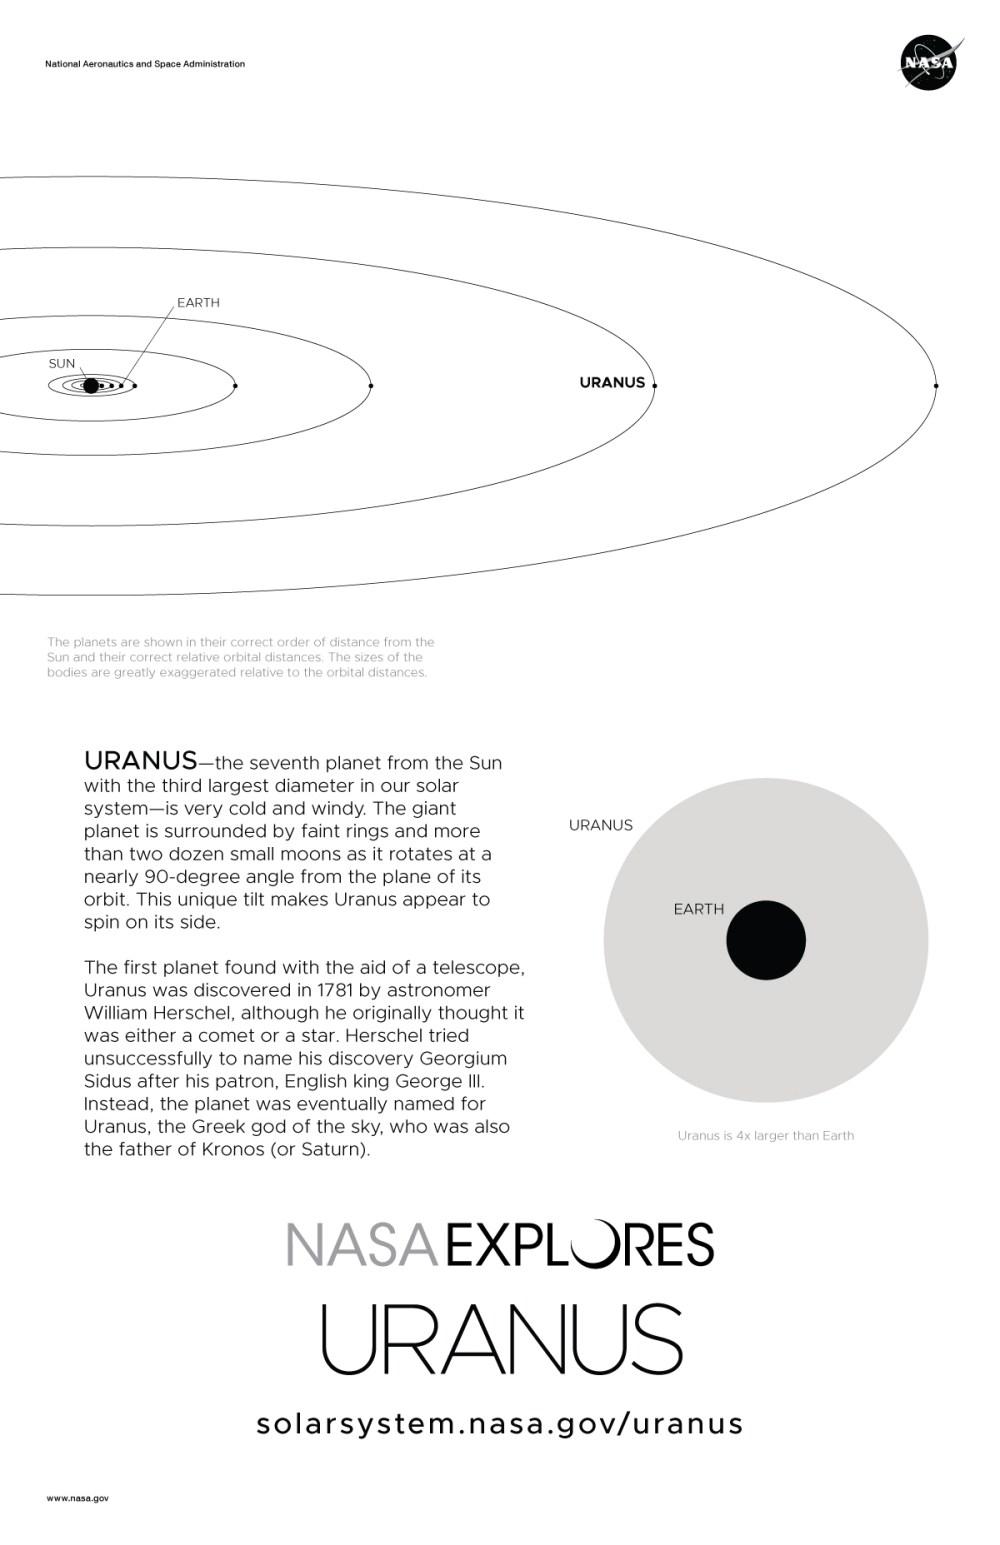 medium resolution of uranus poster back and orbit diagram